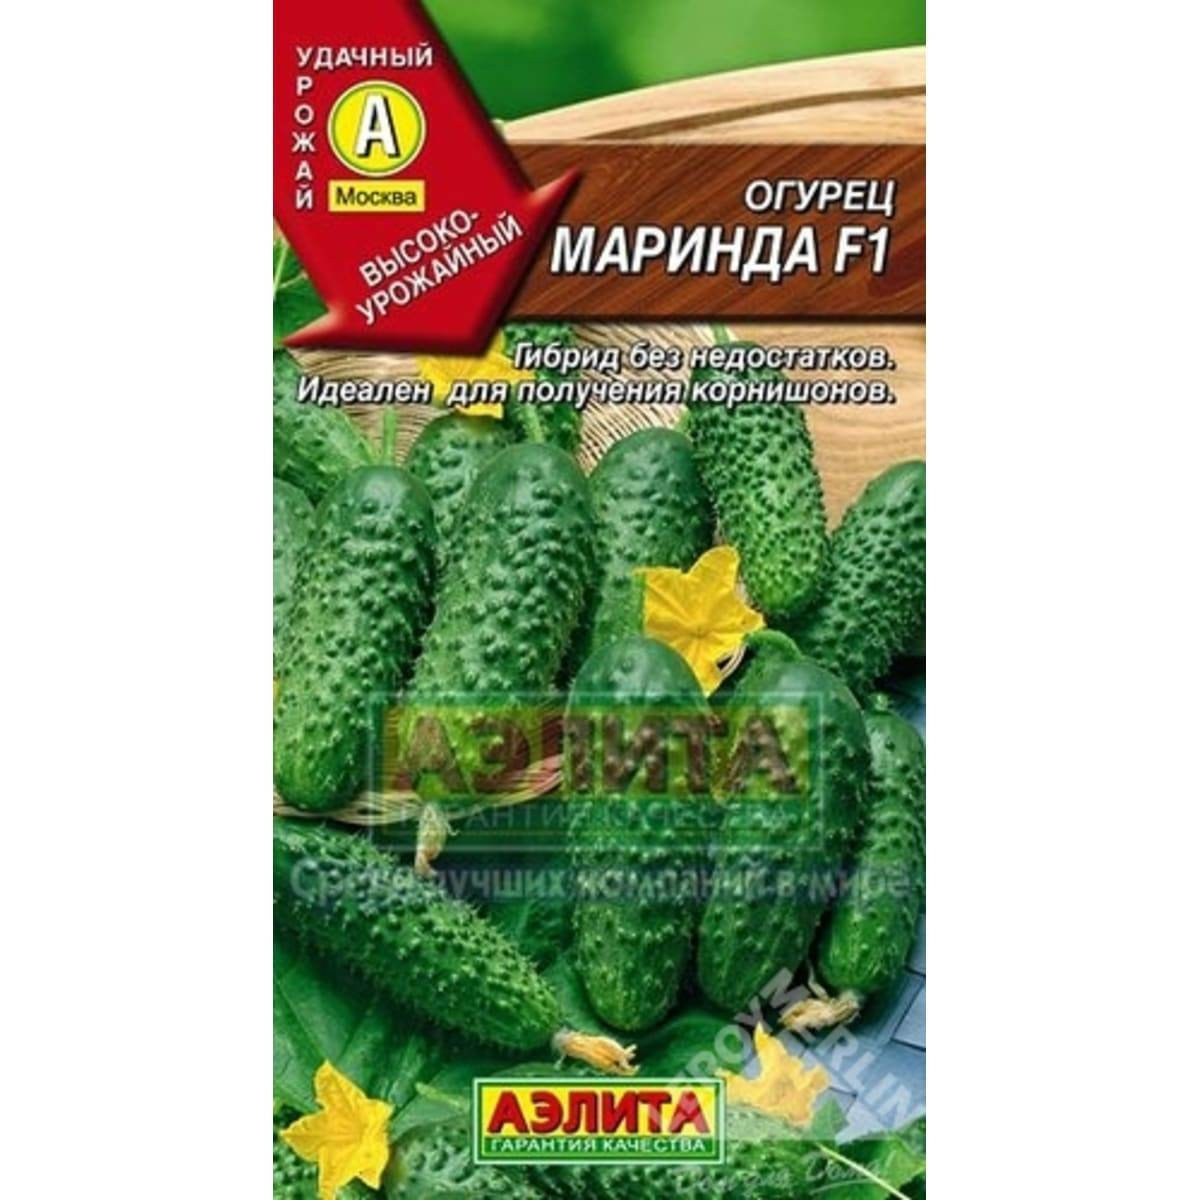 Маринда f1 — огурец с высокой урожайностью